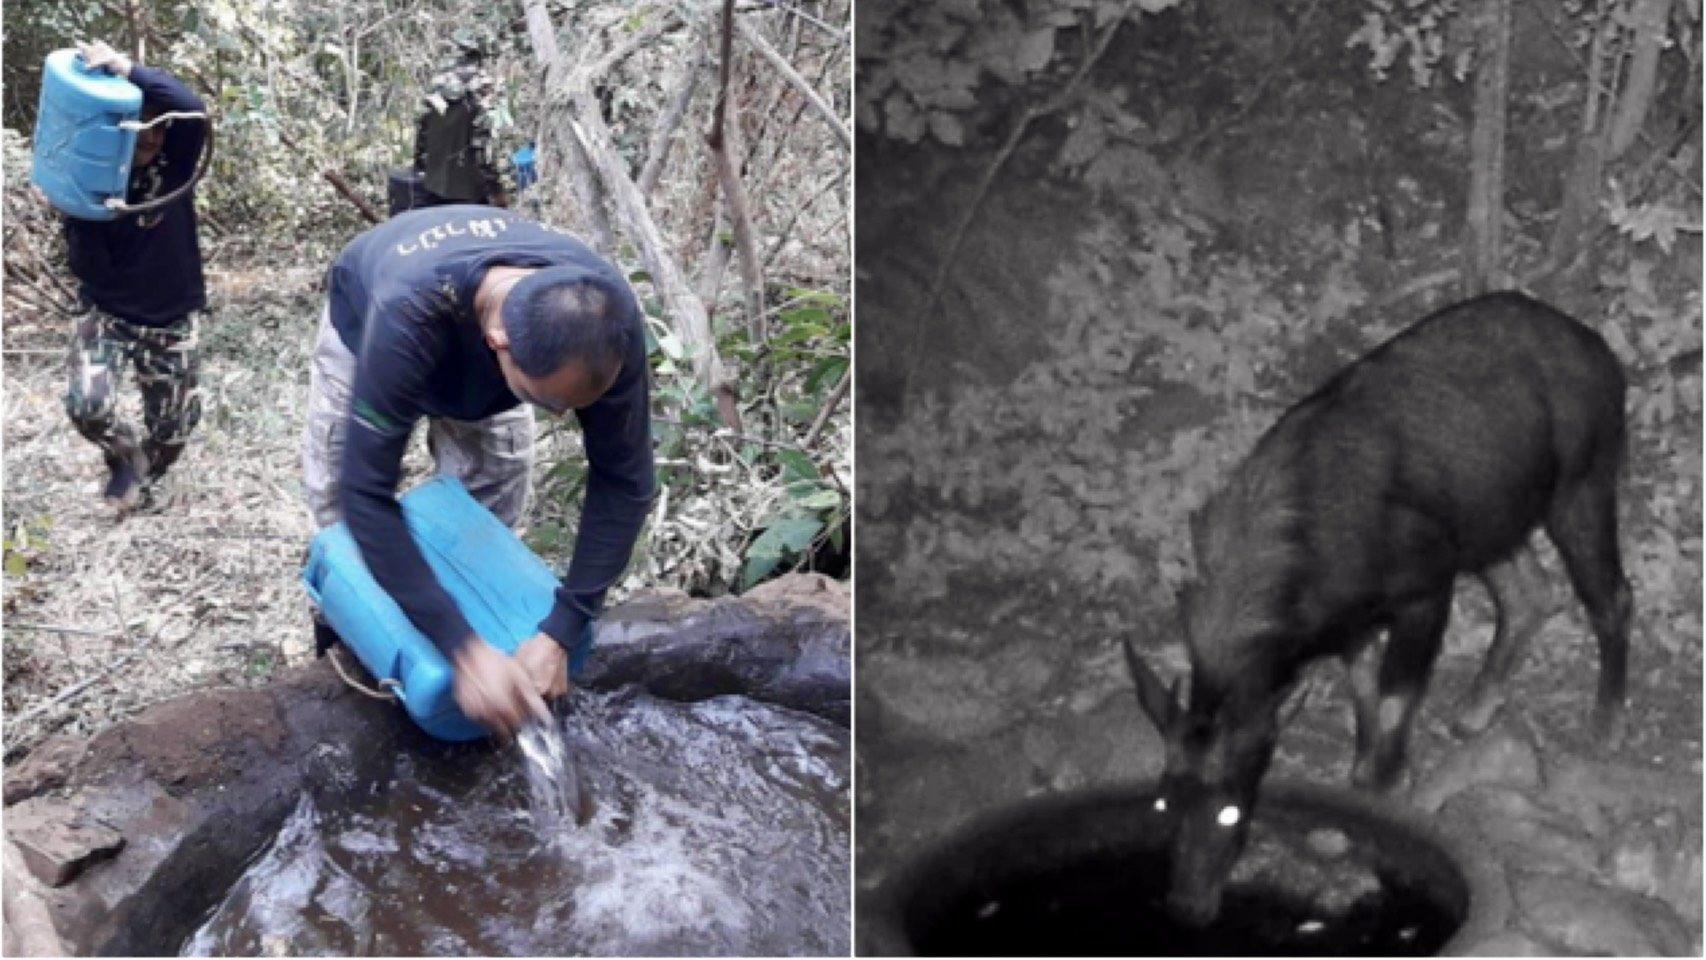 เขตห้ามล่าสัตว์ป่าถ้ำประทุน จ.อุทัยธานี เติมน้ำแก้แล้งให้สัตว์ป่า